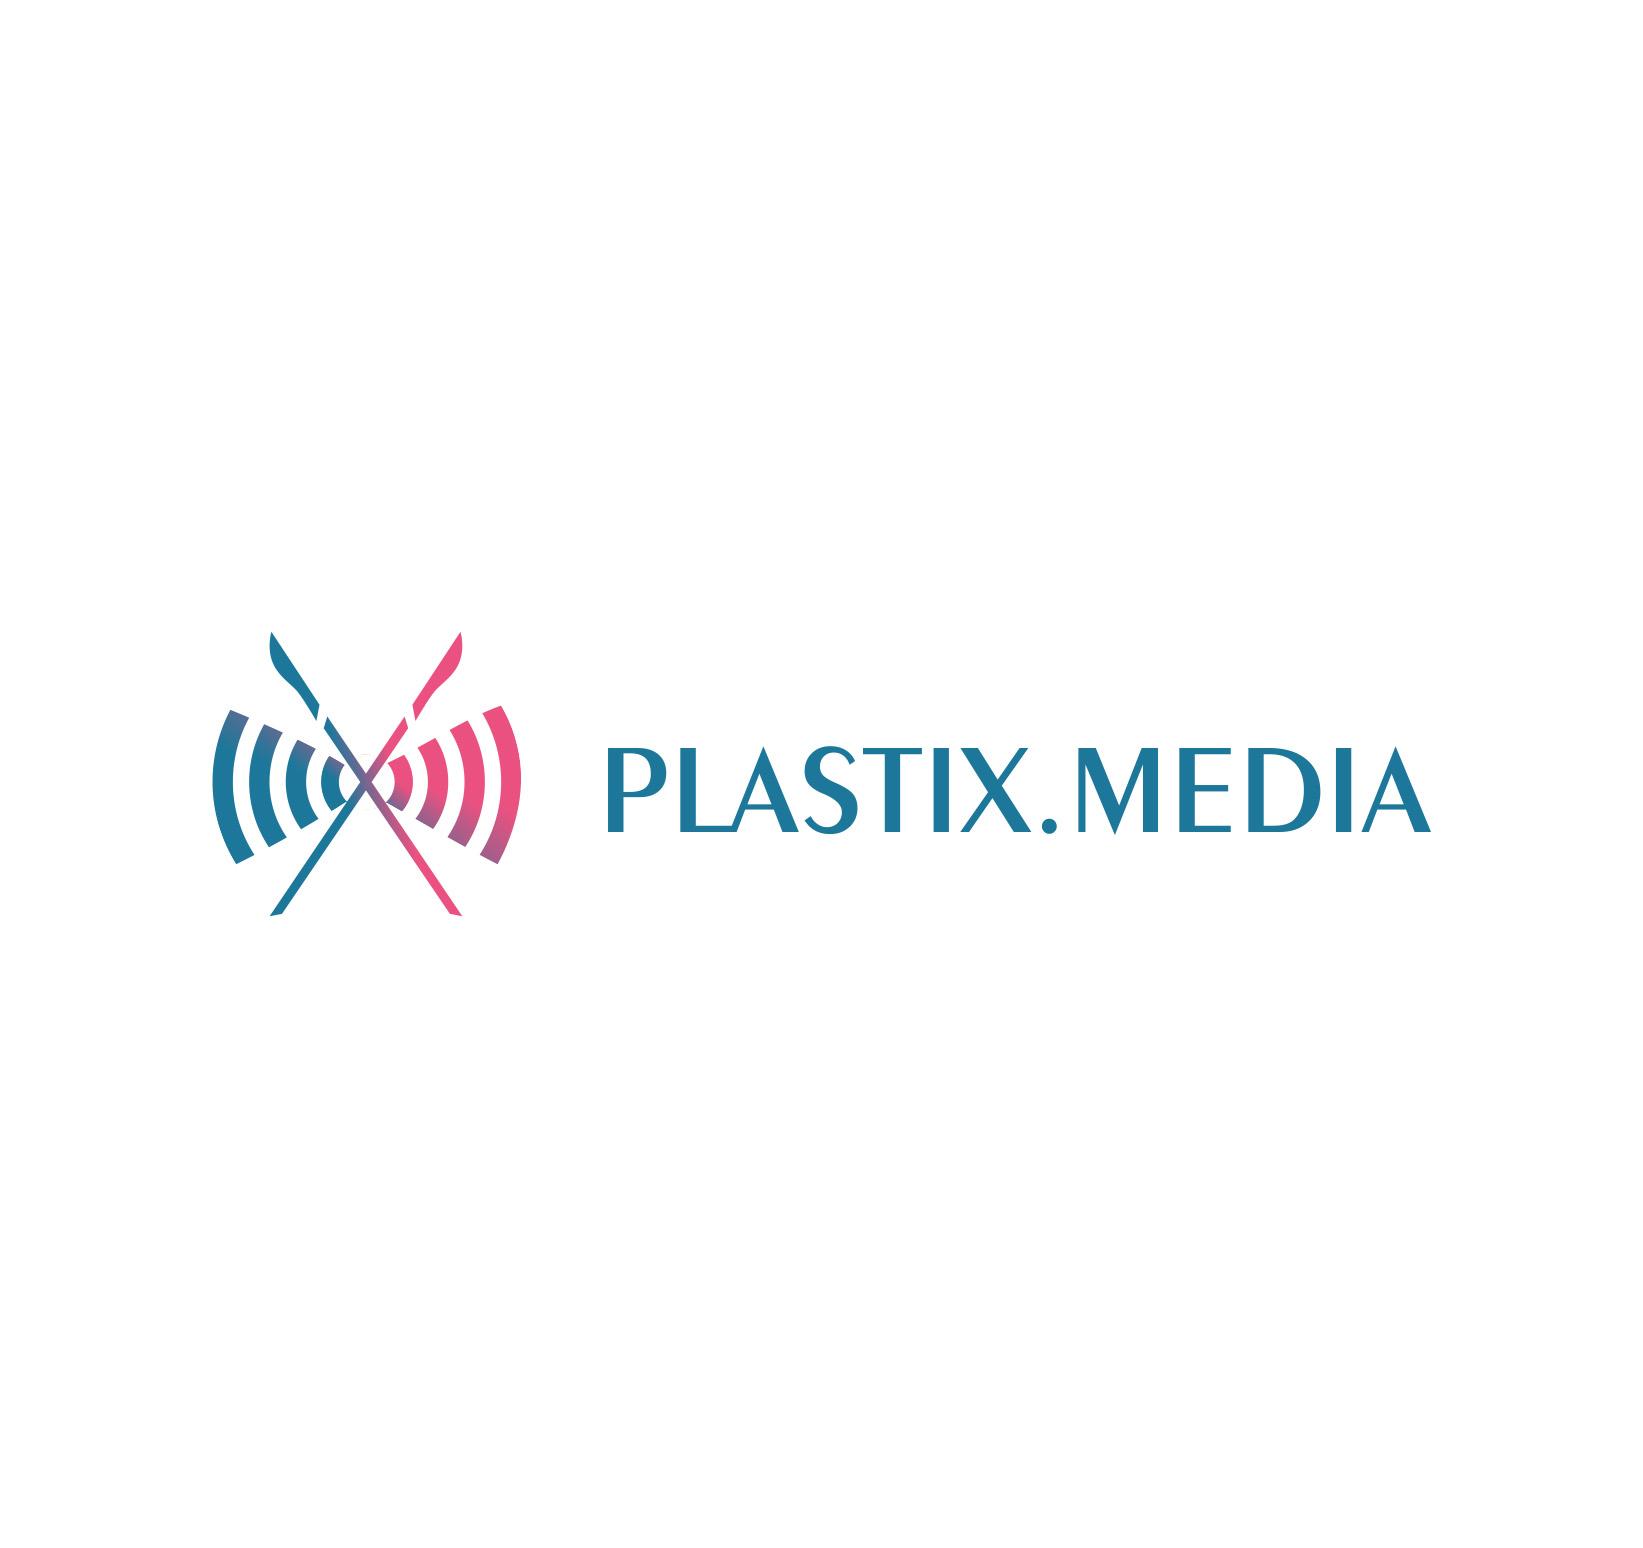 Разработка пакета айдентики Plastix.Media фото f_517598dd9b1c290c.jpg